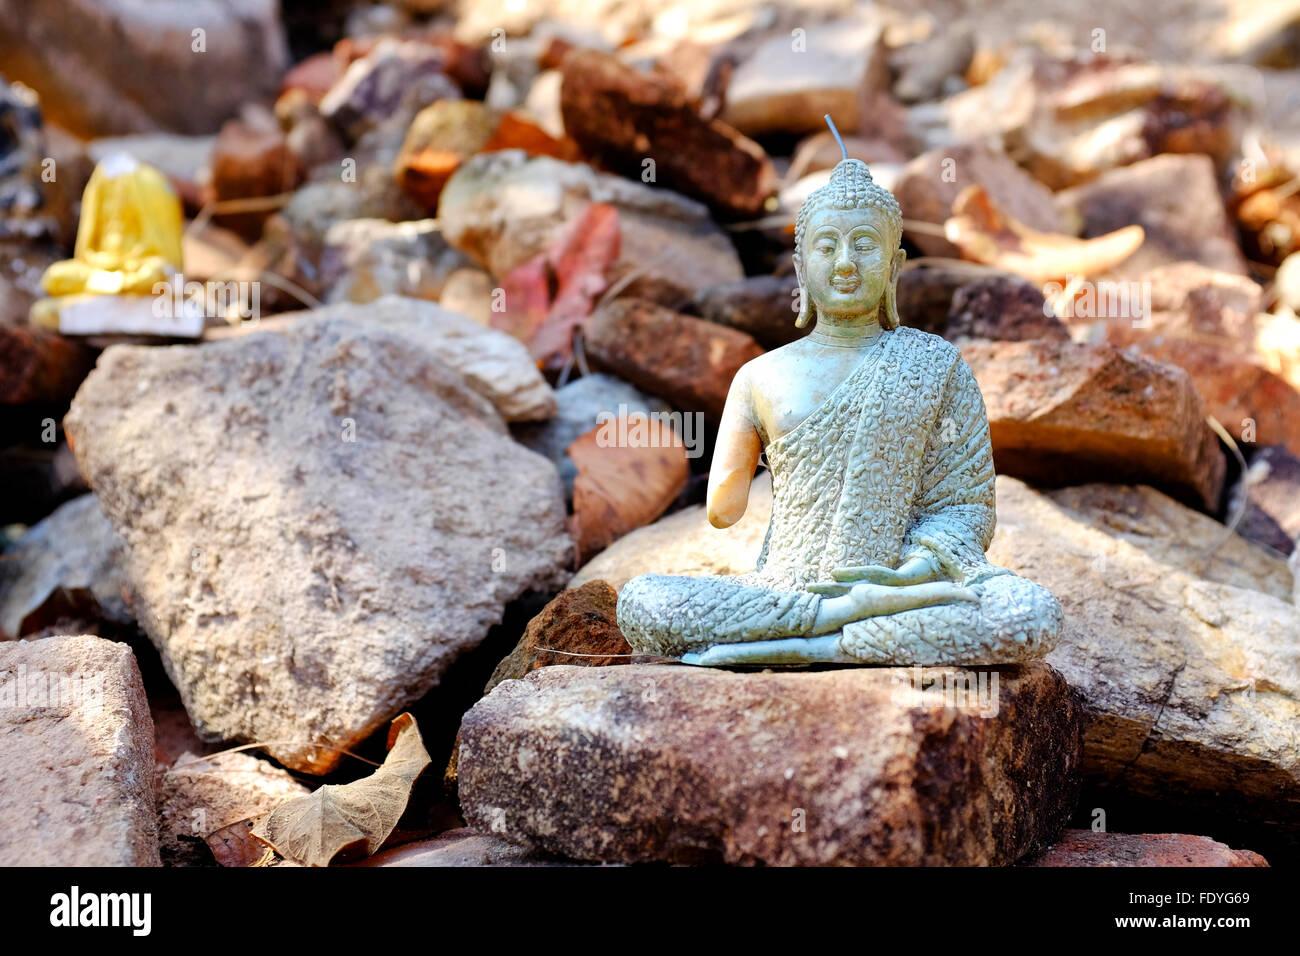 Du Prince de Bouddha dans le parc national de Doi Suthep-Pui, Chiang Mai, Thaïlande Photo Stock